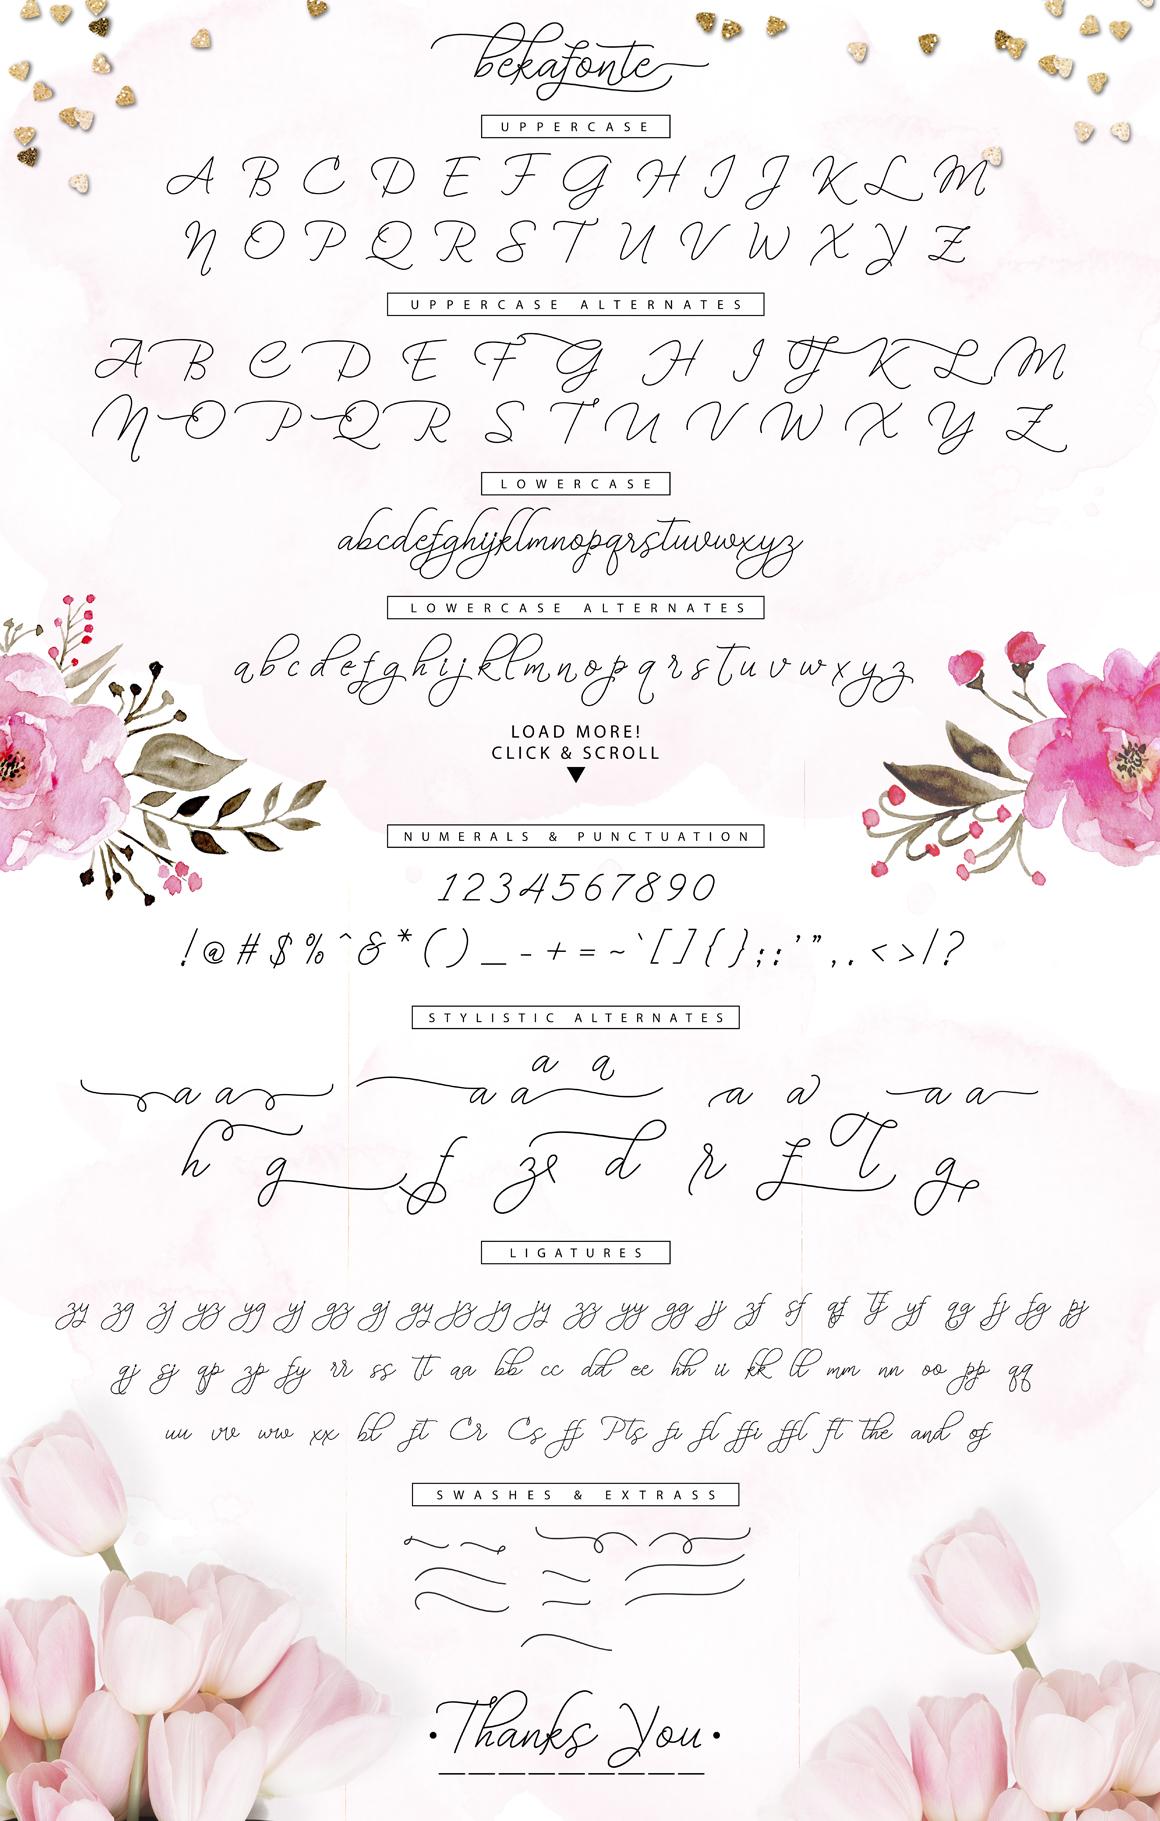 Bekafonte Typeface - New Update example image 6